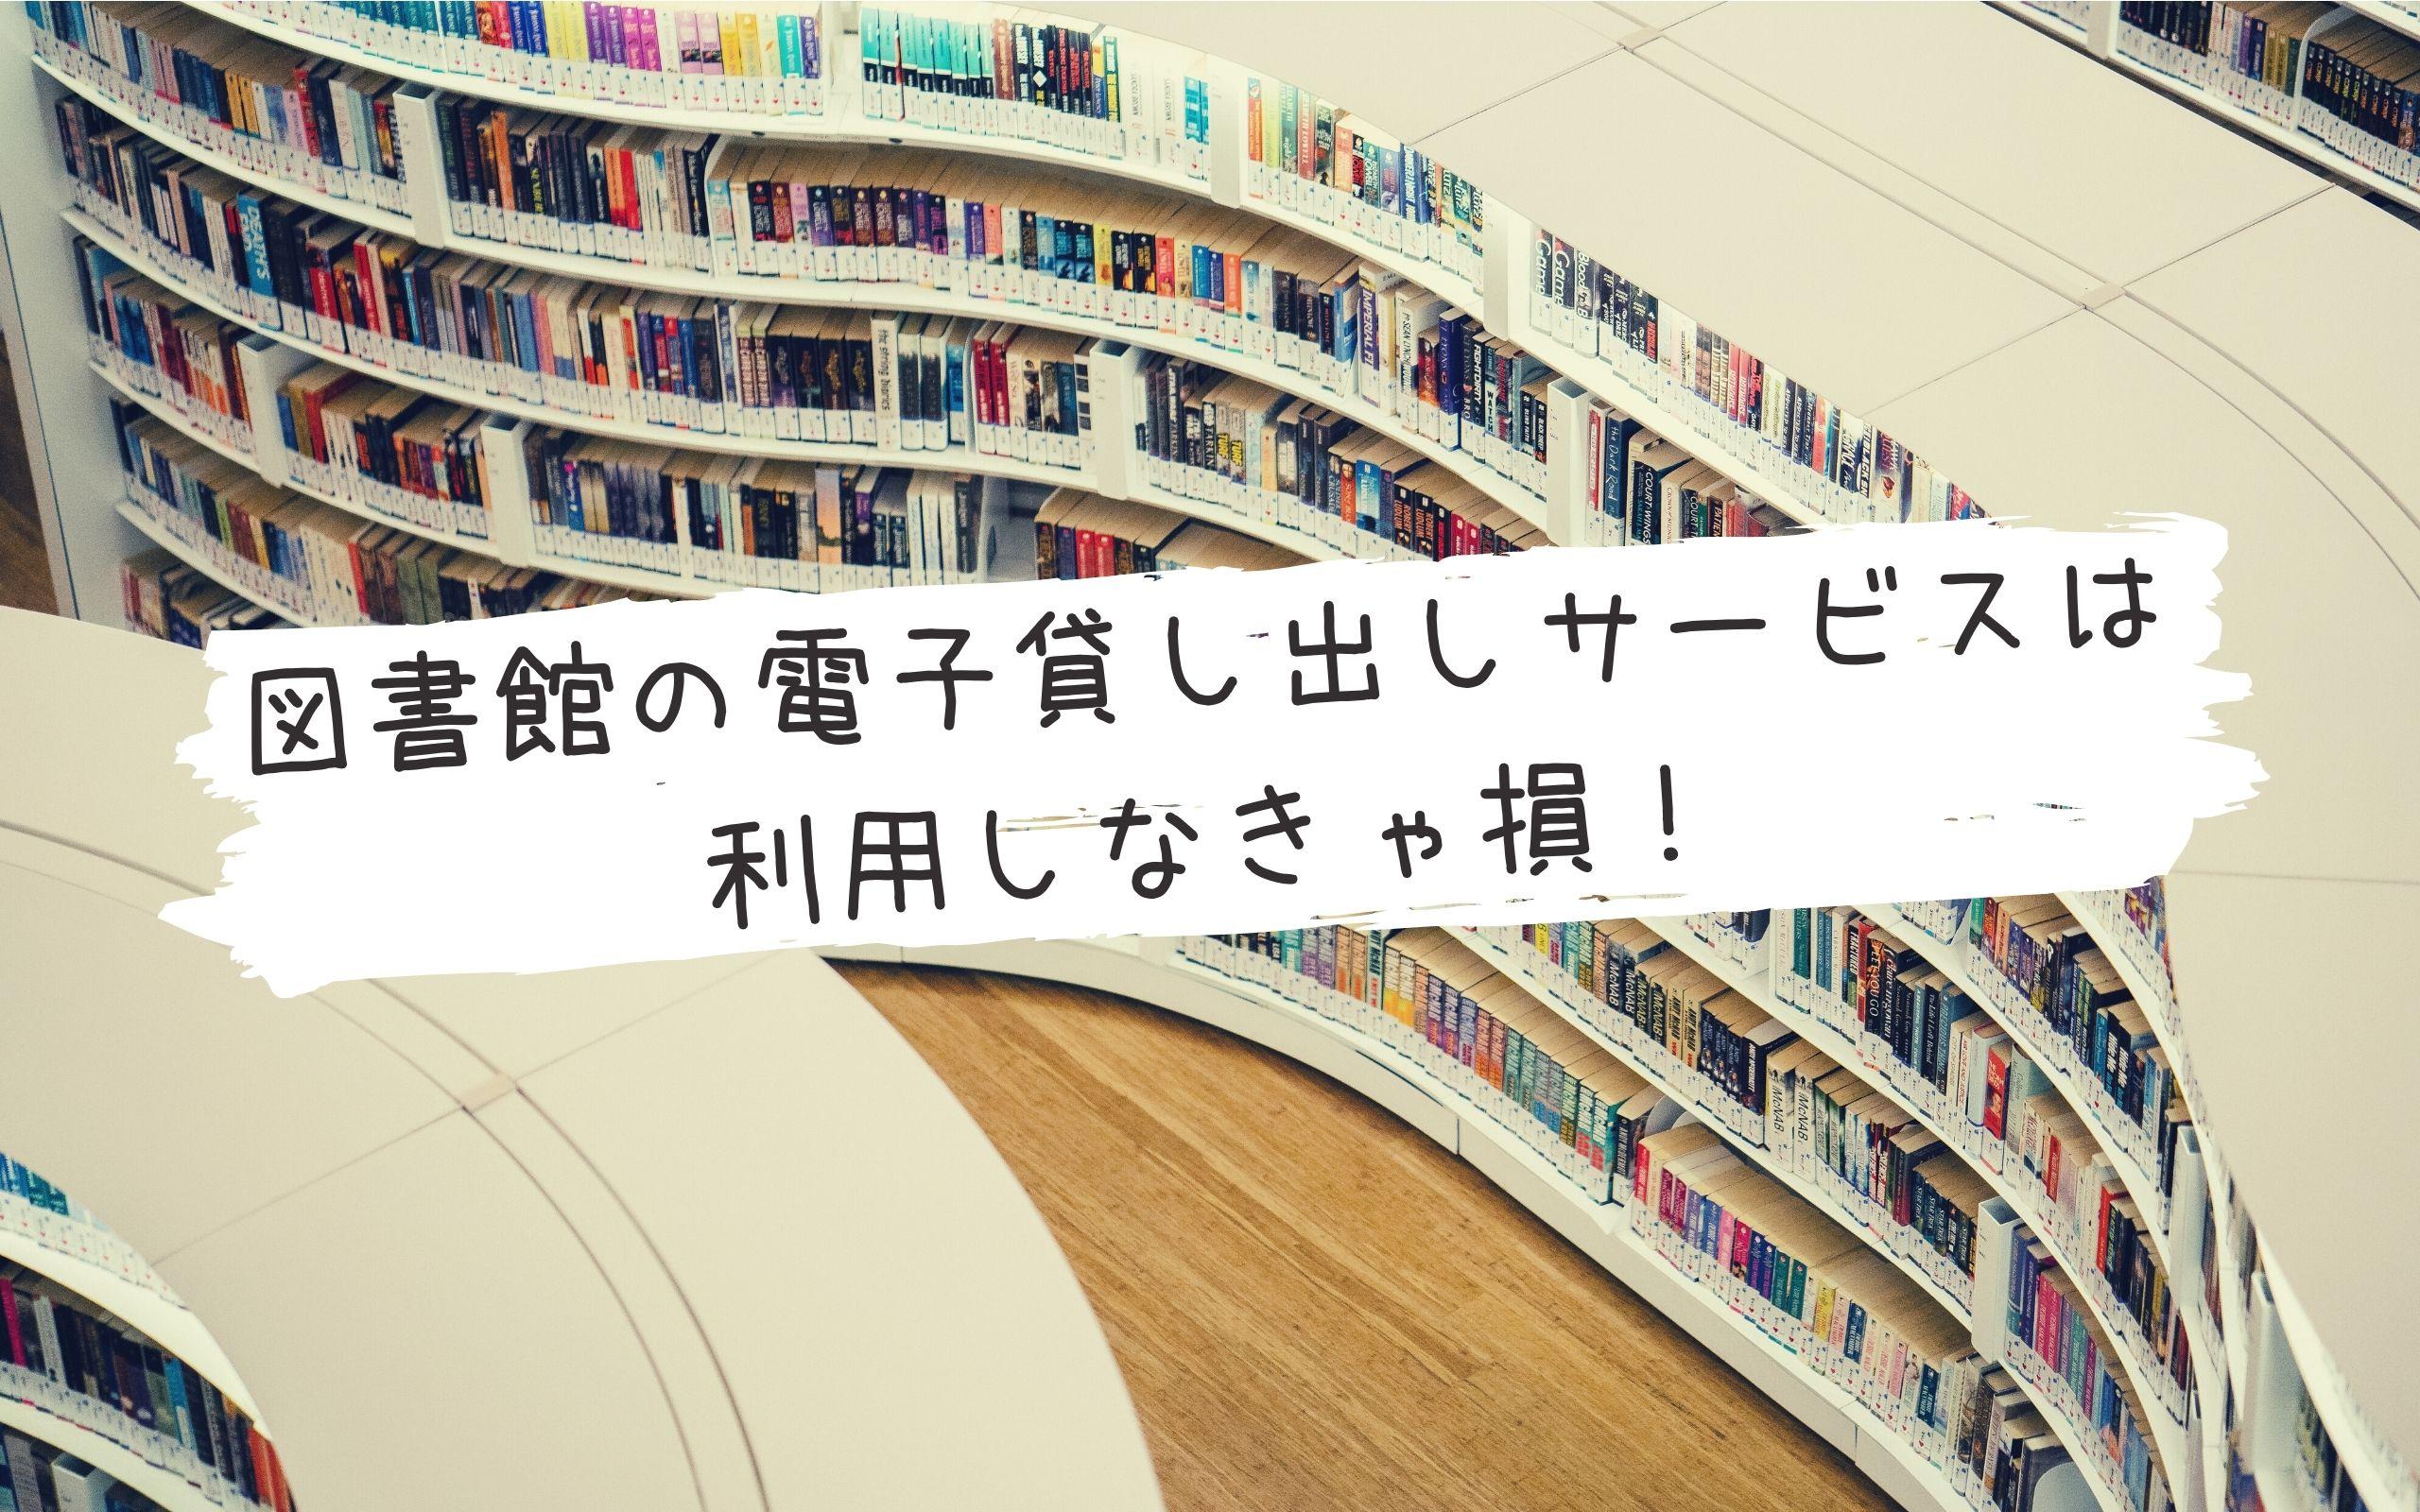 図書館の電子貸出について